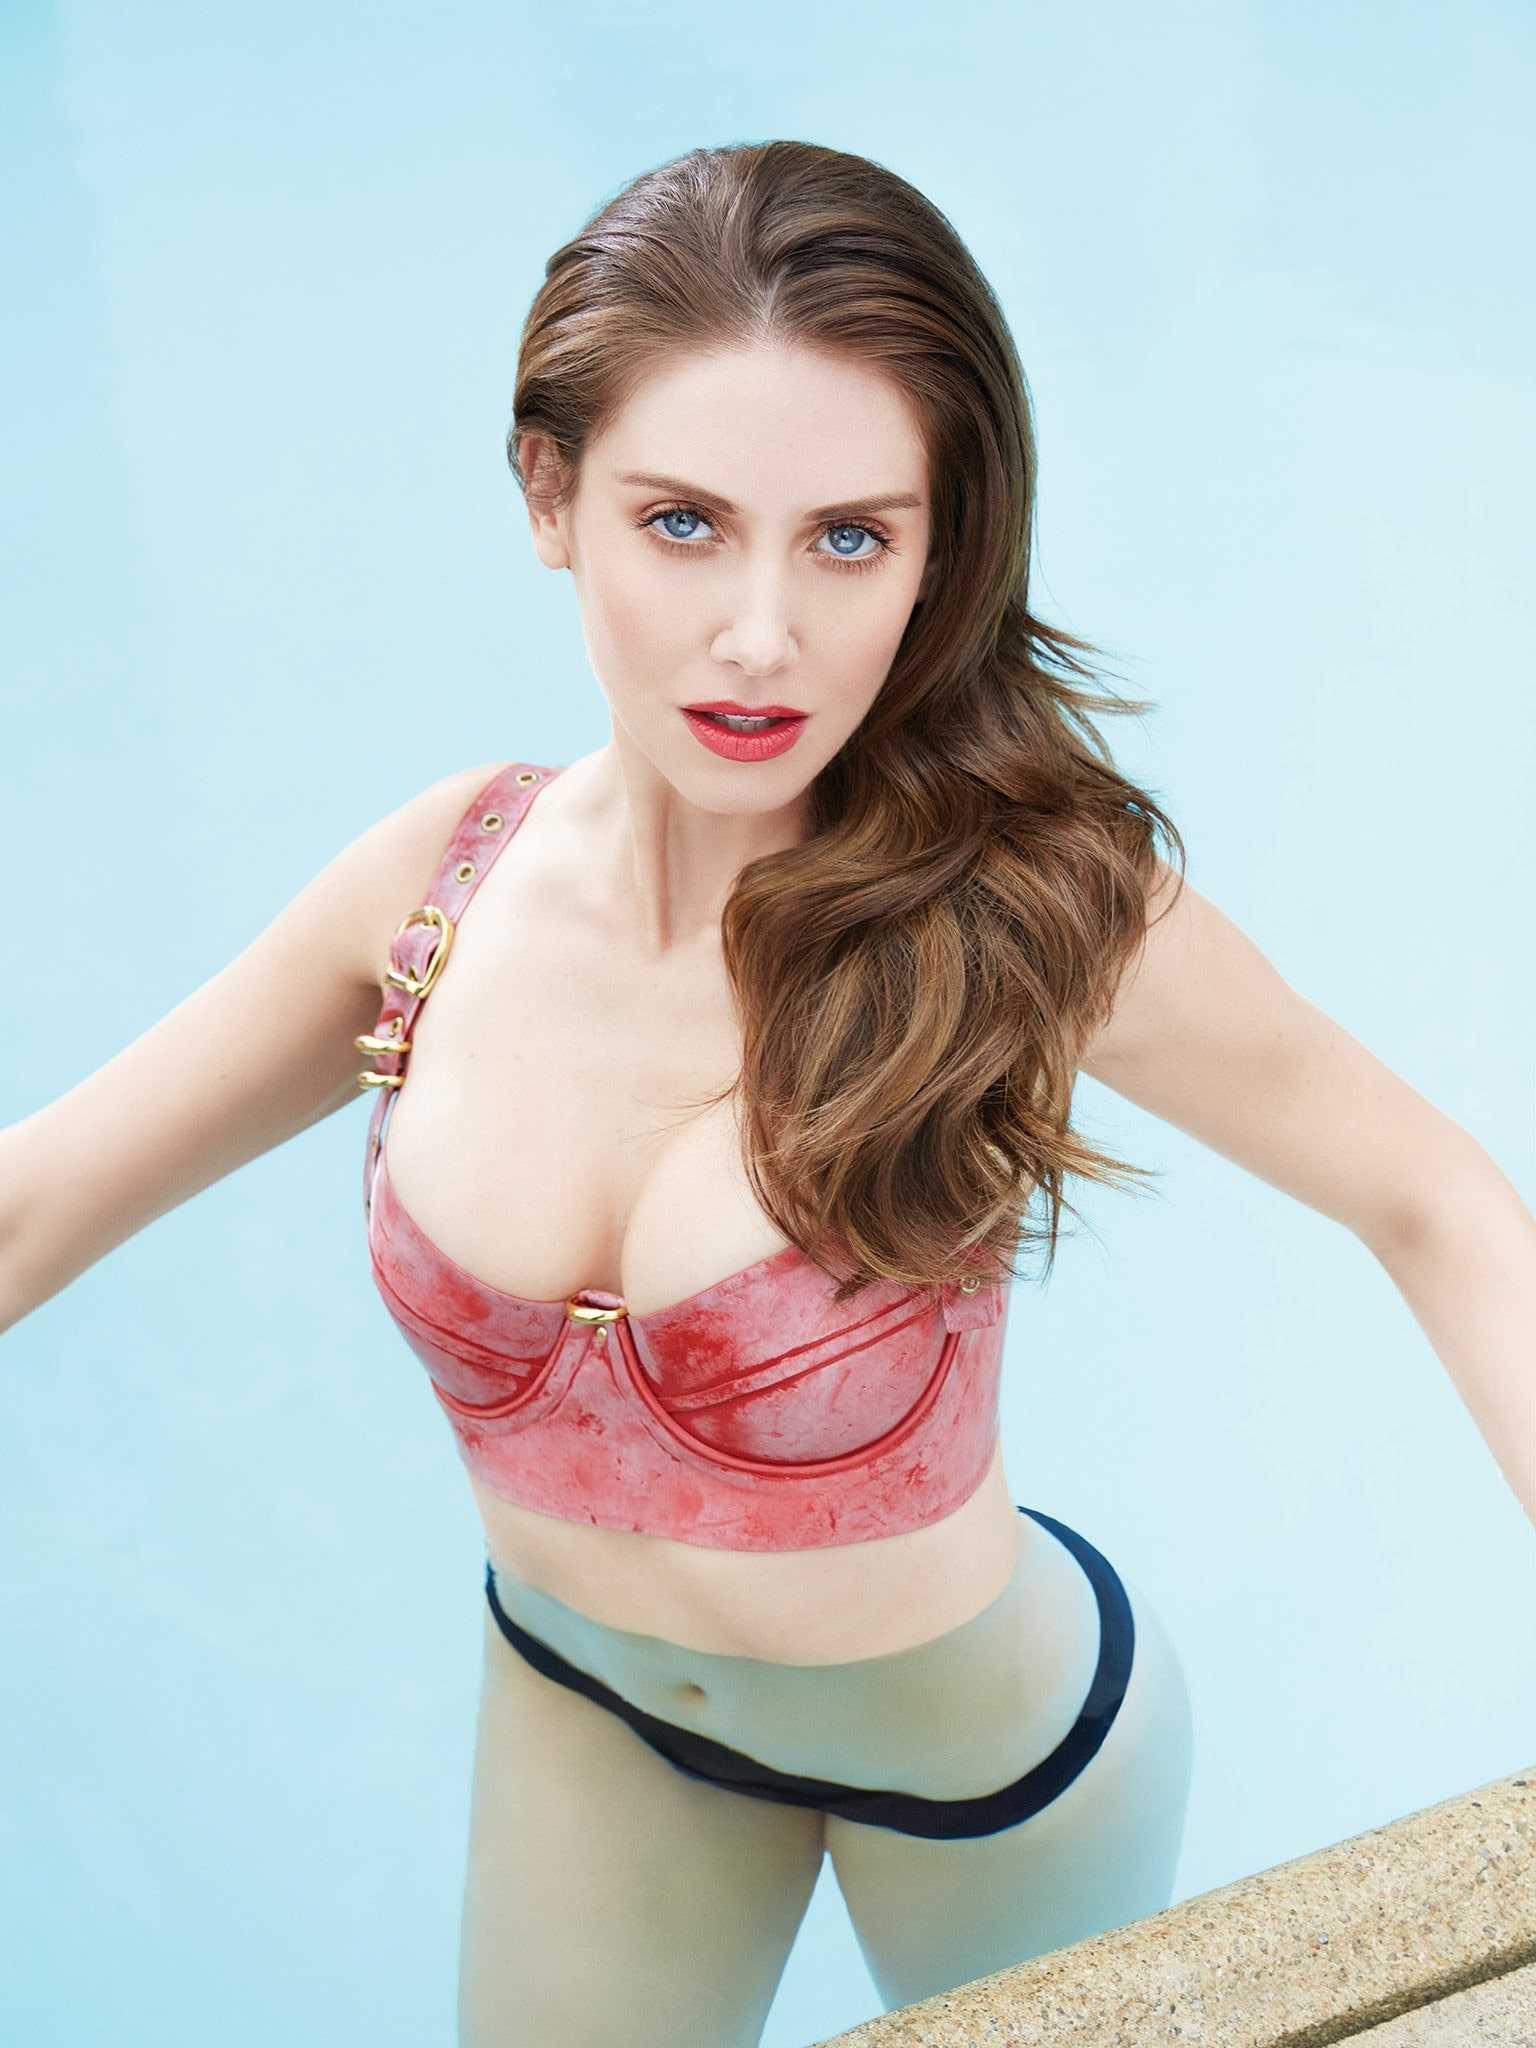 Alison Brie sexy bikini